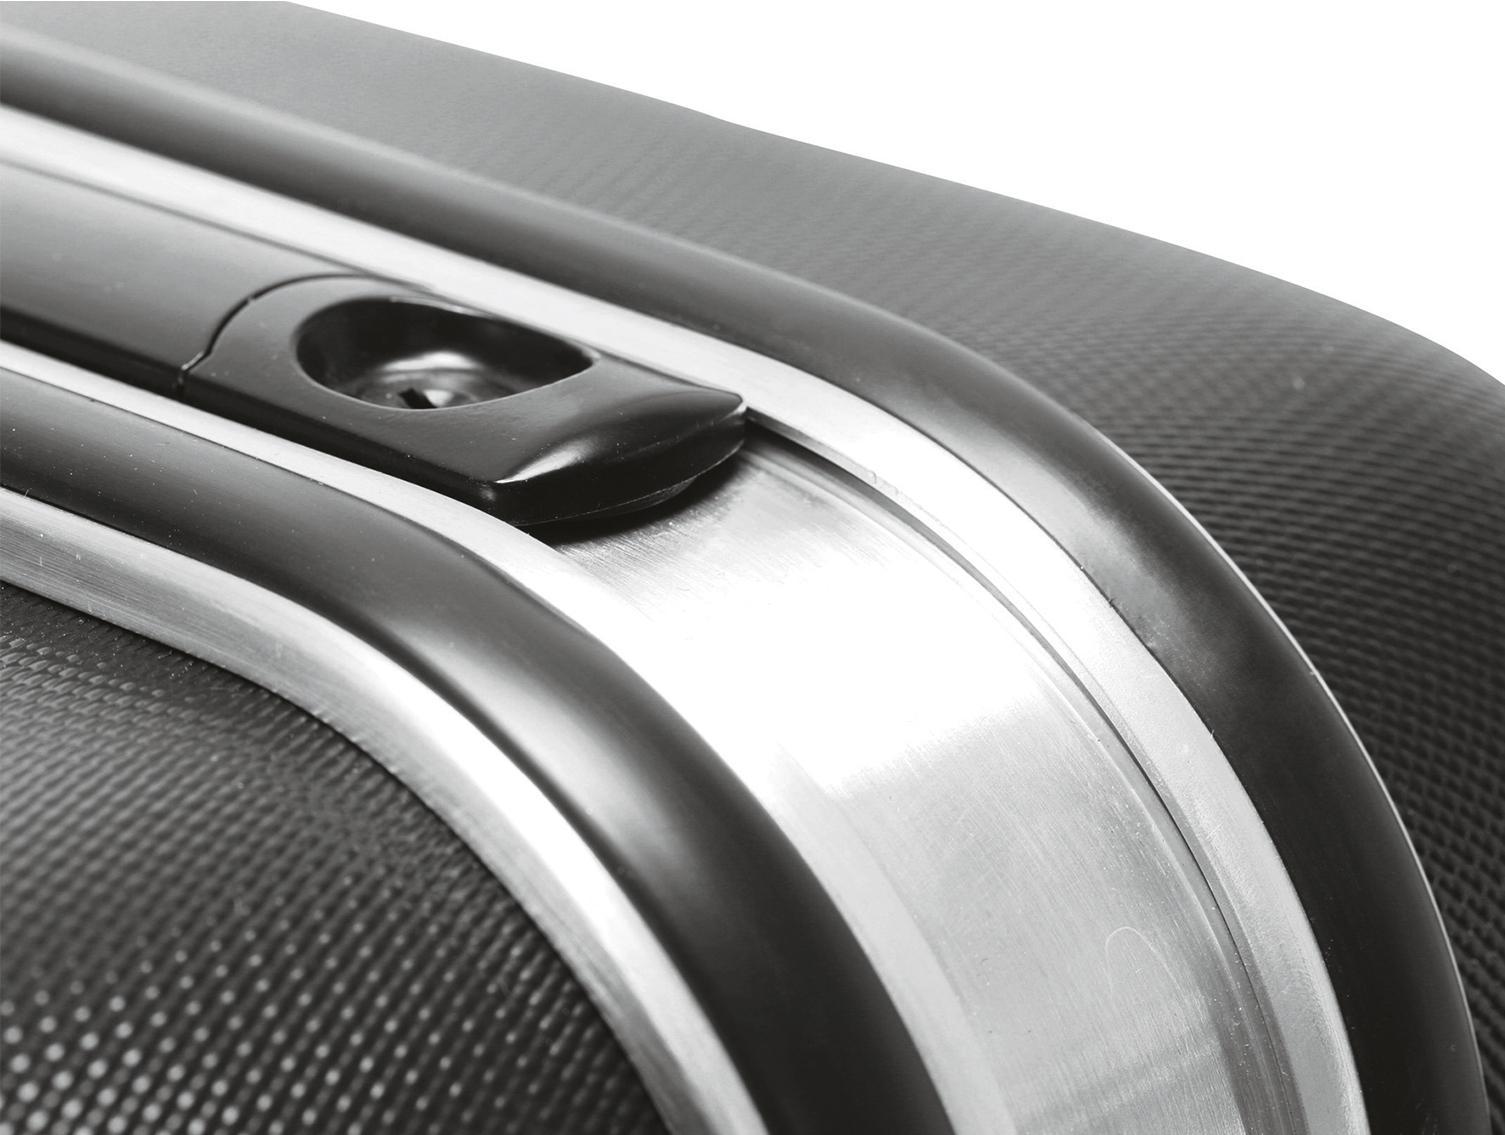 Werkzeugkoffer ABS mit stabilen Metallscharnieren für dauerhafte Haltbarkeit.